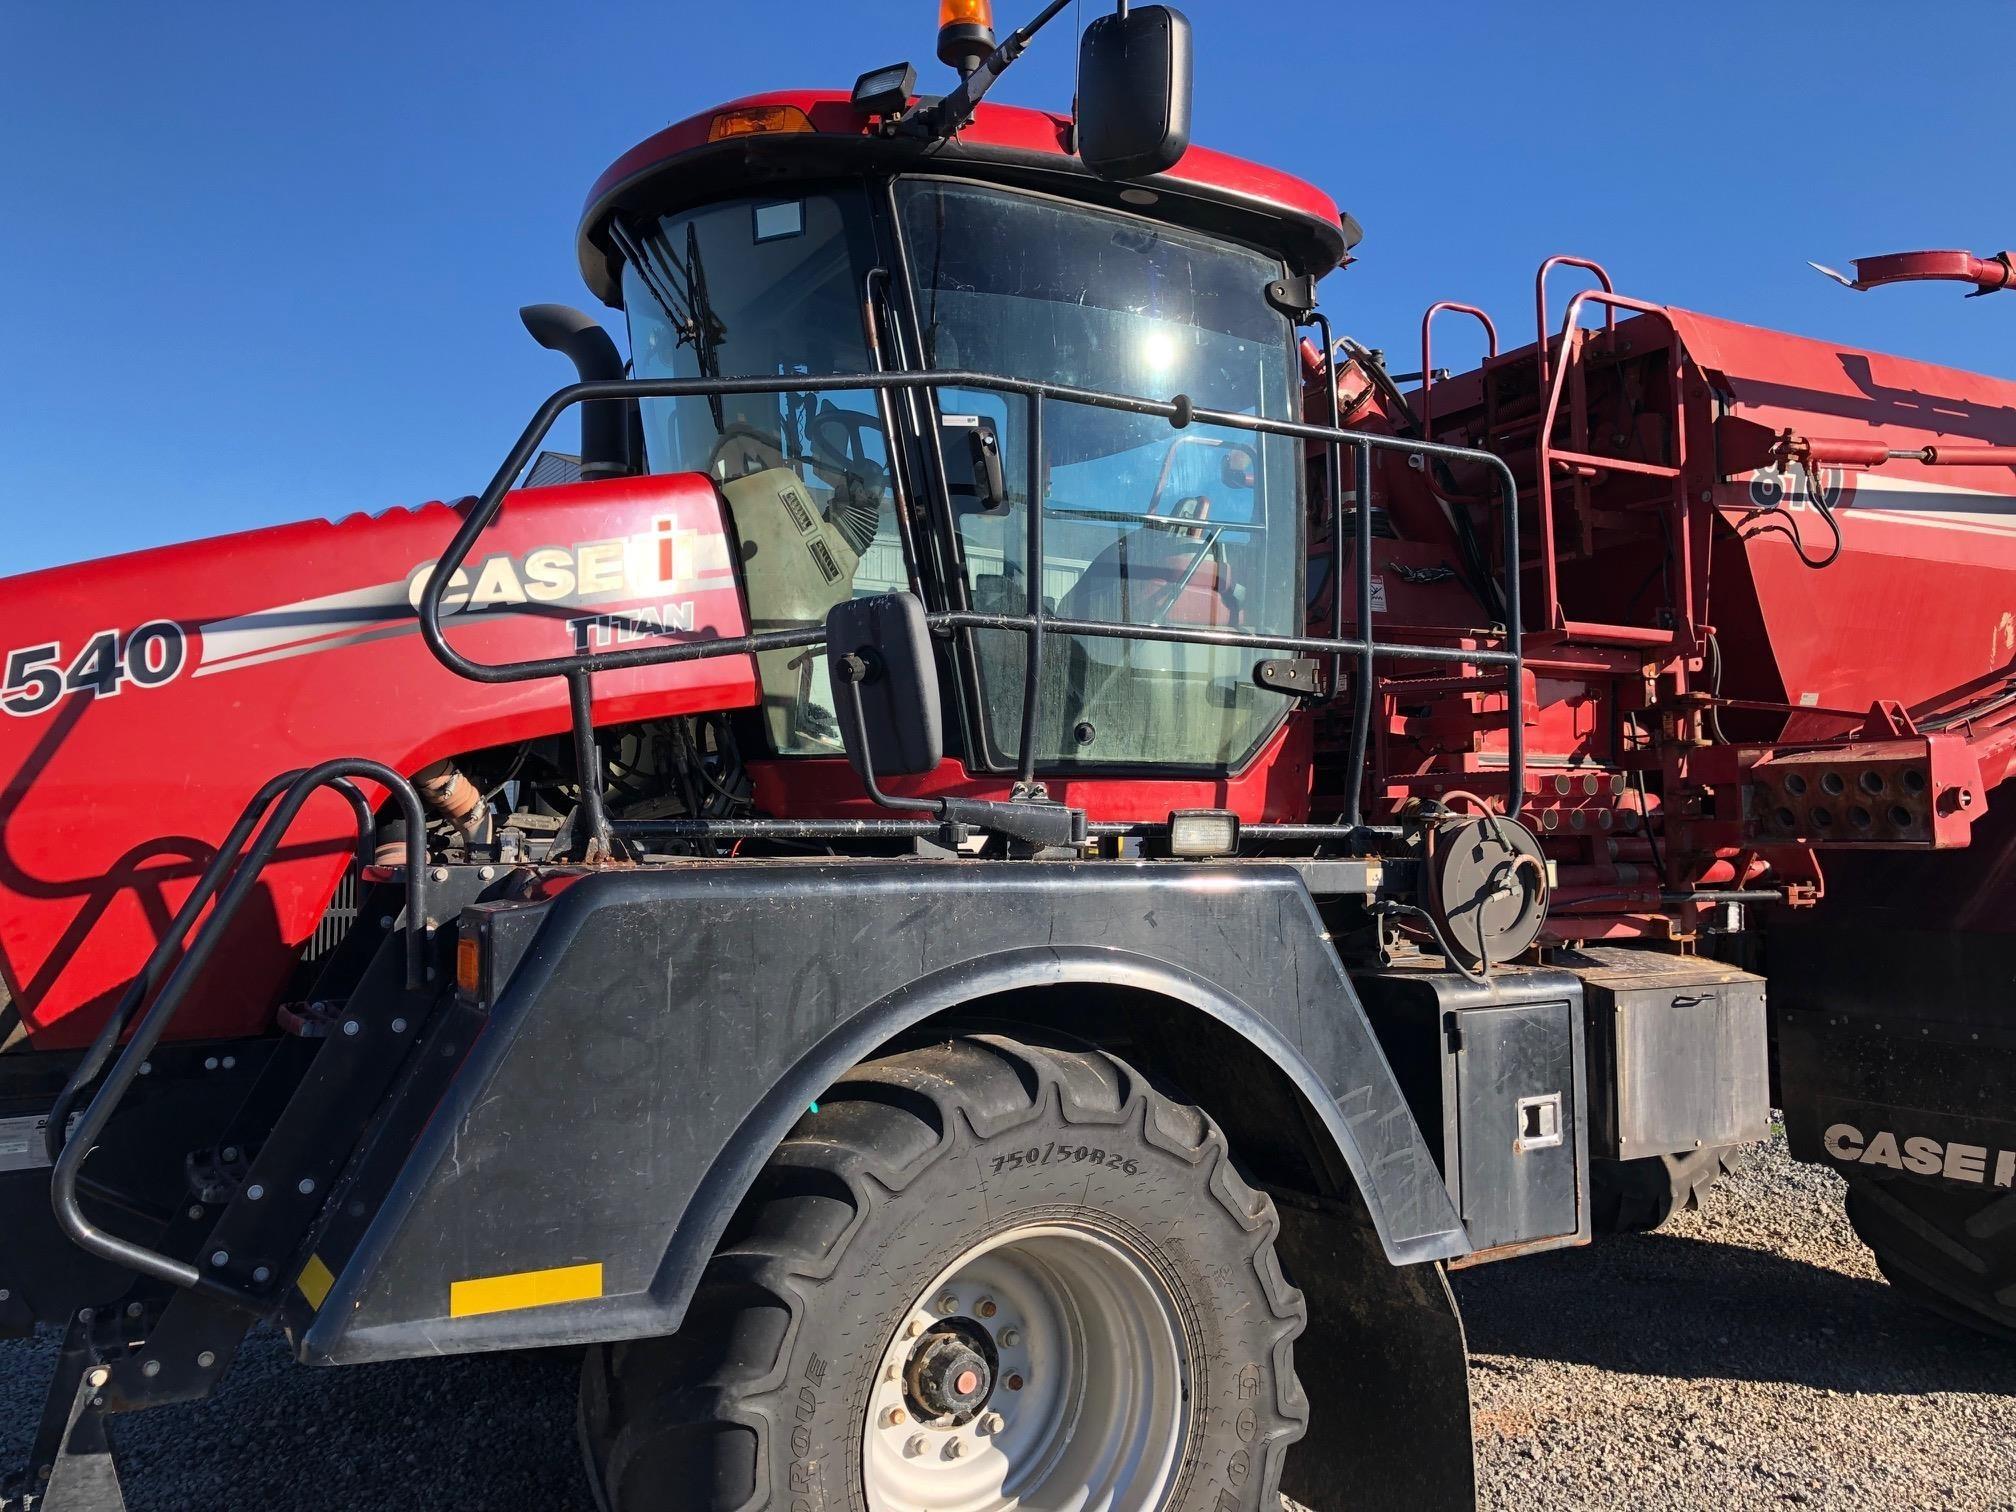 2016 Case IH TITAN 4540 Self-Propelled Fertilizer Spreader